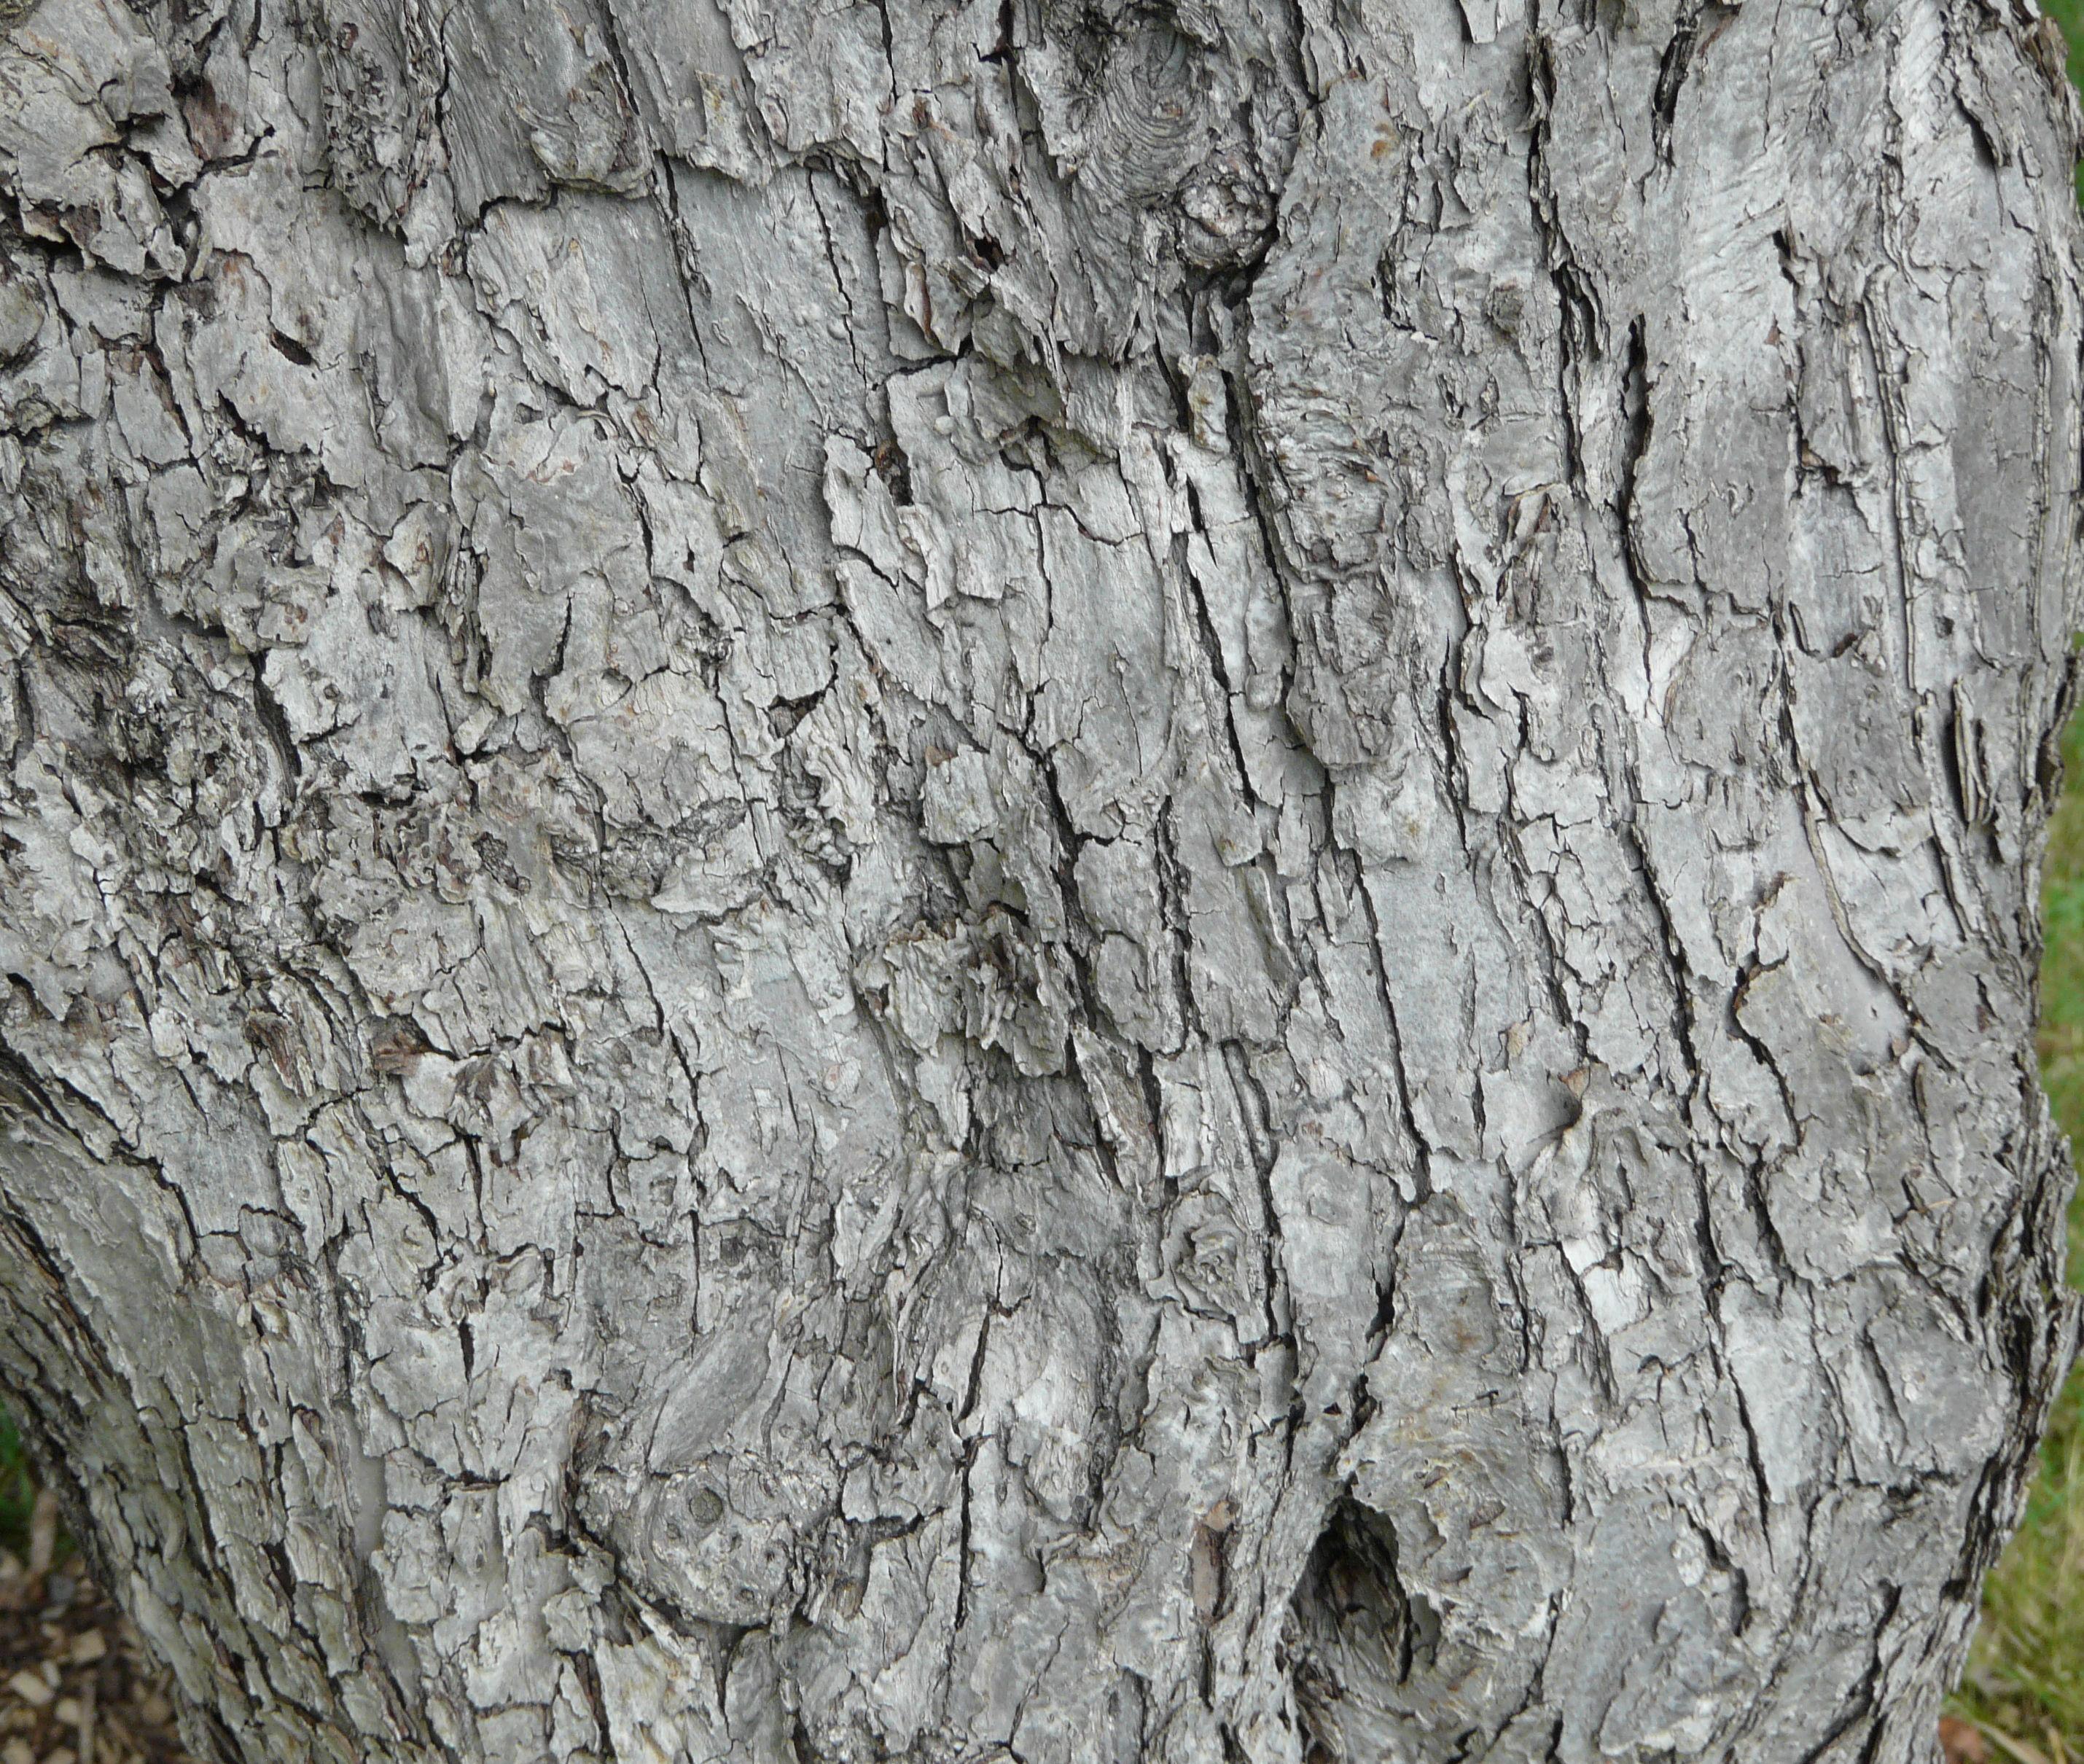 © Dipartimento di Scienze della Vita, Università degli Studi di Trieste<br>by Andrea Moro<br>Parigi, Arboretum del Jardin Botanique de la Ville de Paris, Ecole Du Breuil., Francia, 10/08/2008<br>Distributed under CC-BY-SA 4.0 license.